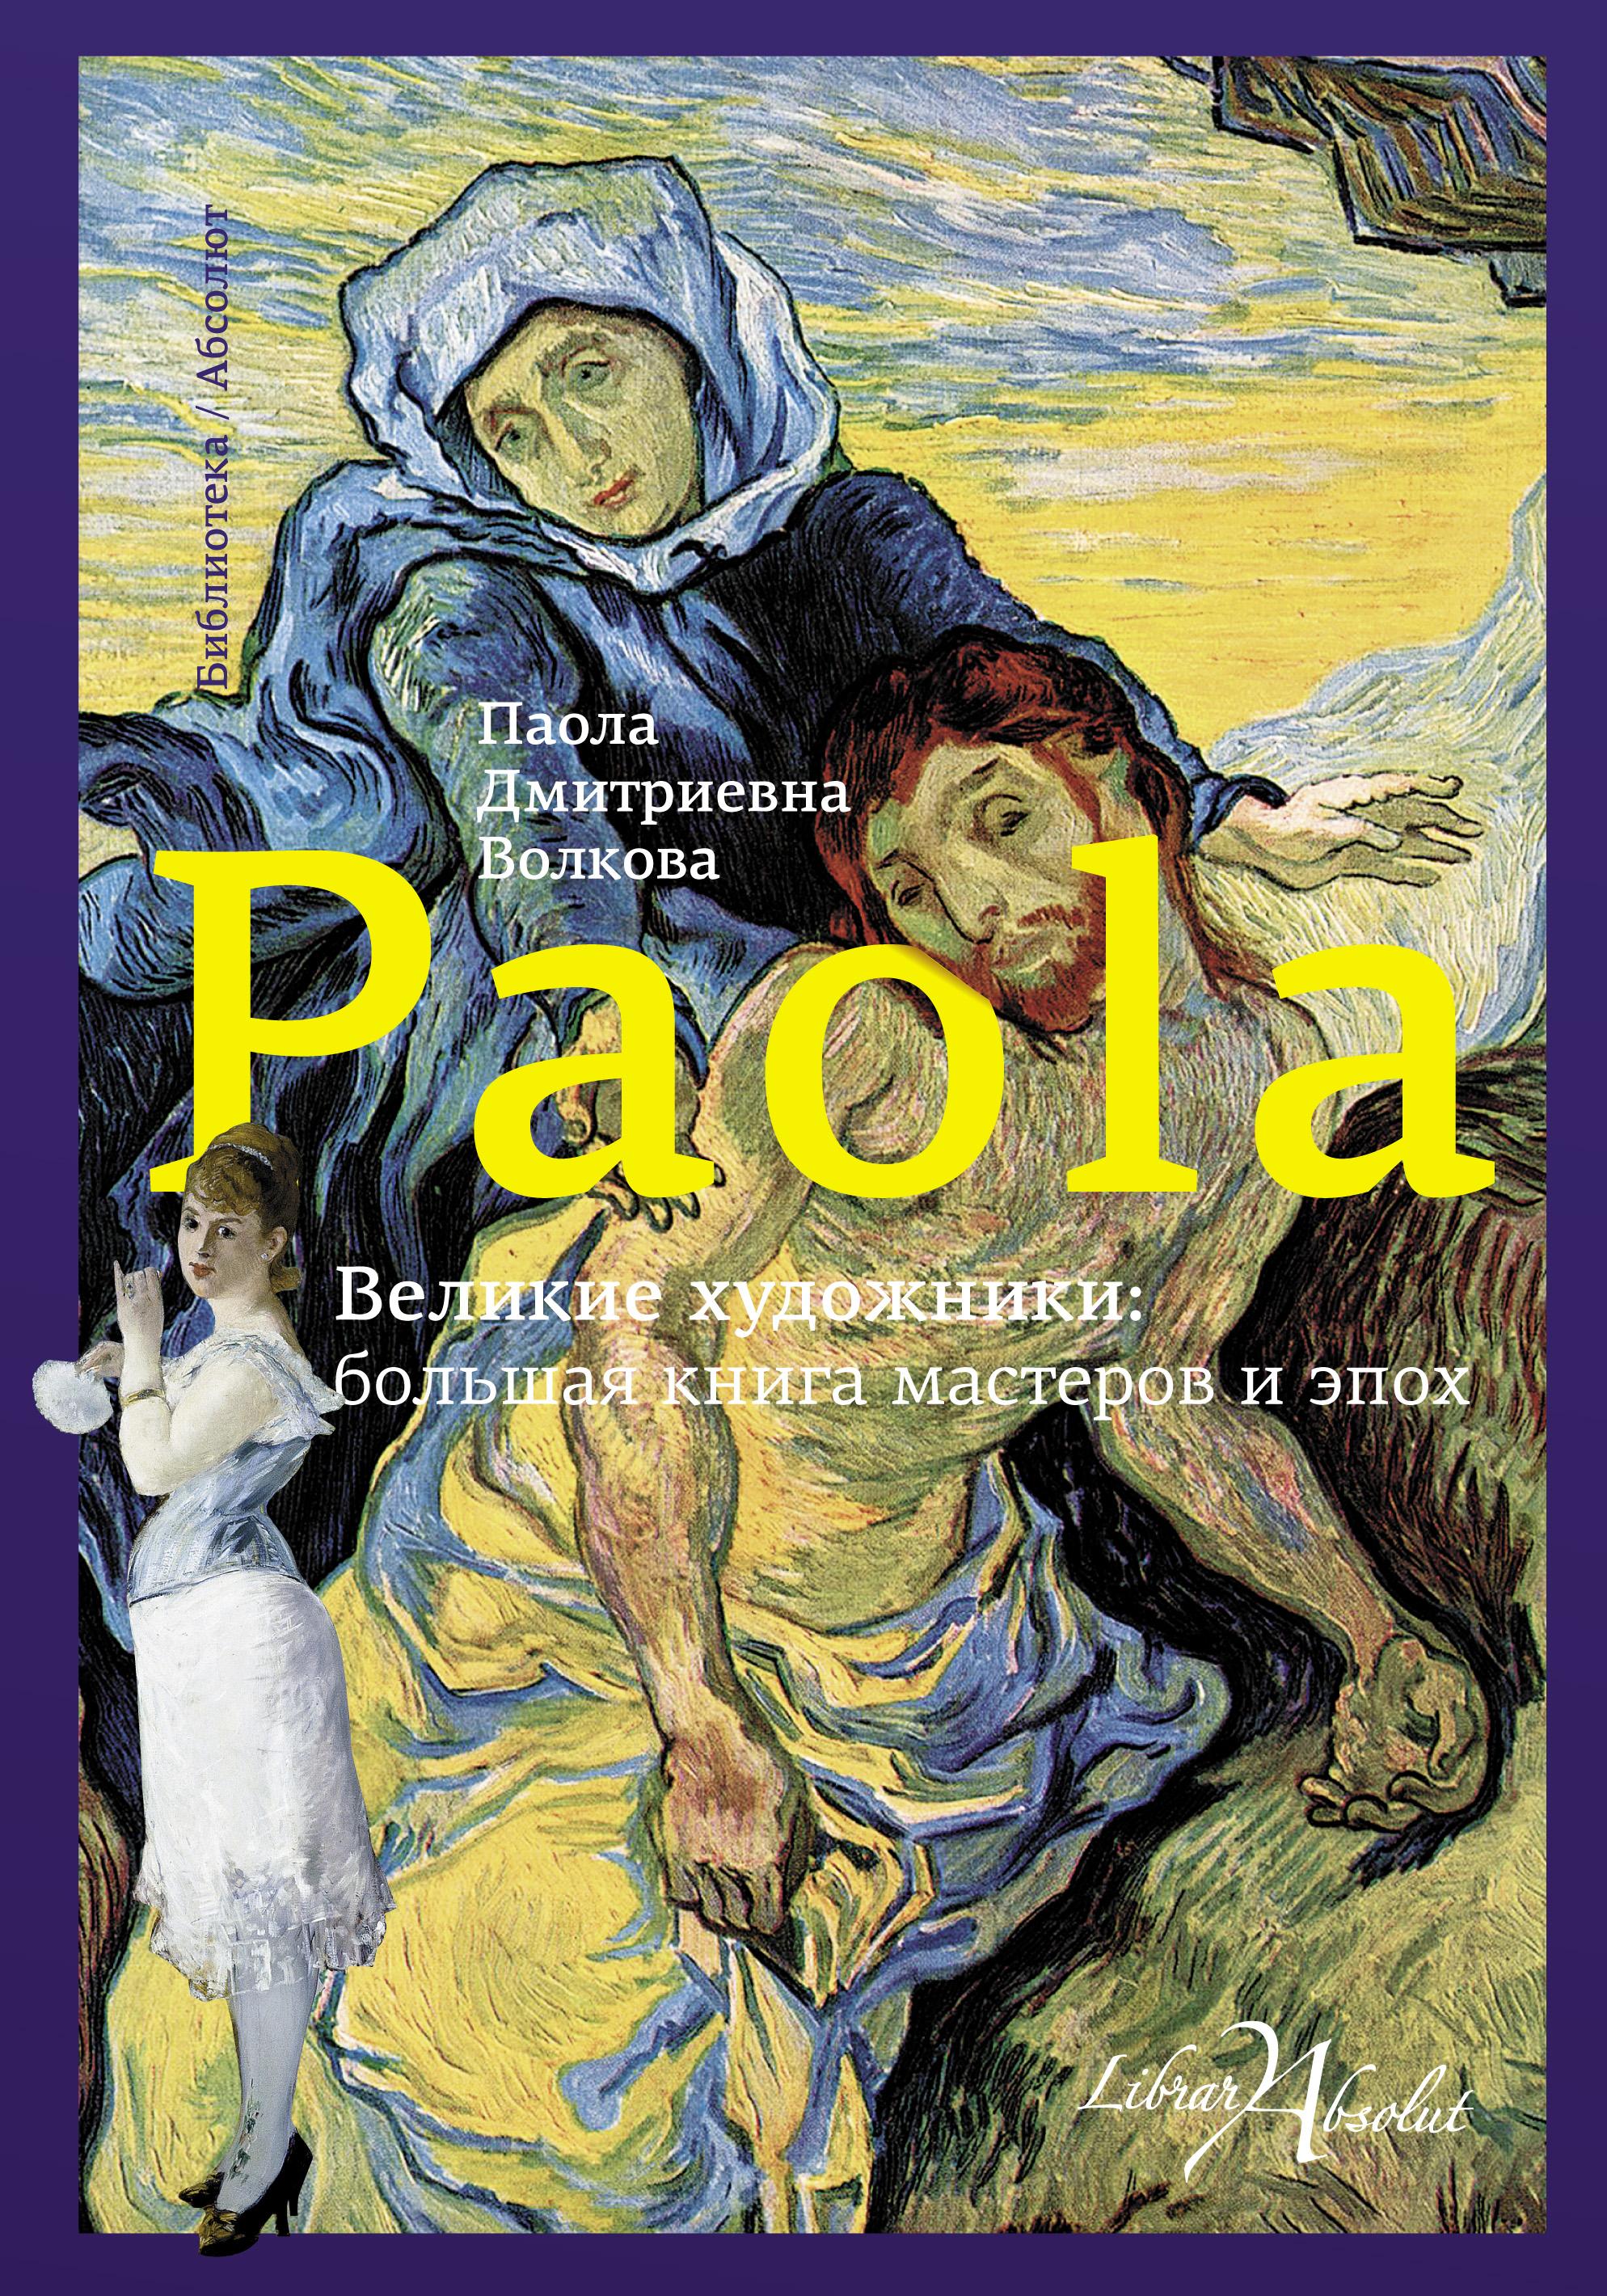 Великие художники: большая книга мастеров и эпох ( Волкова П.Д.  )